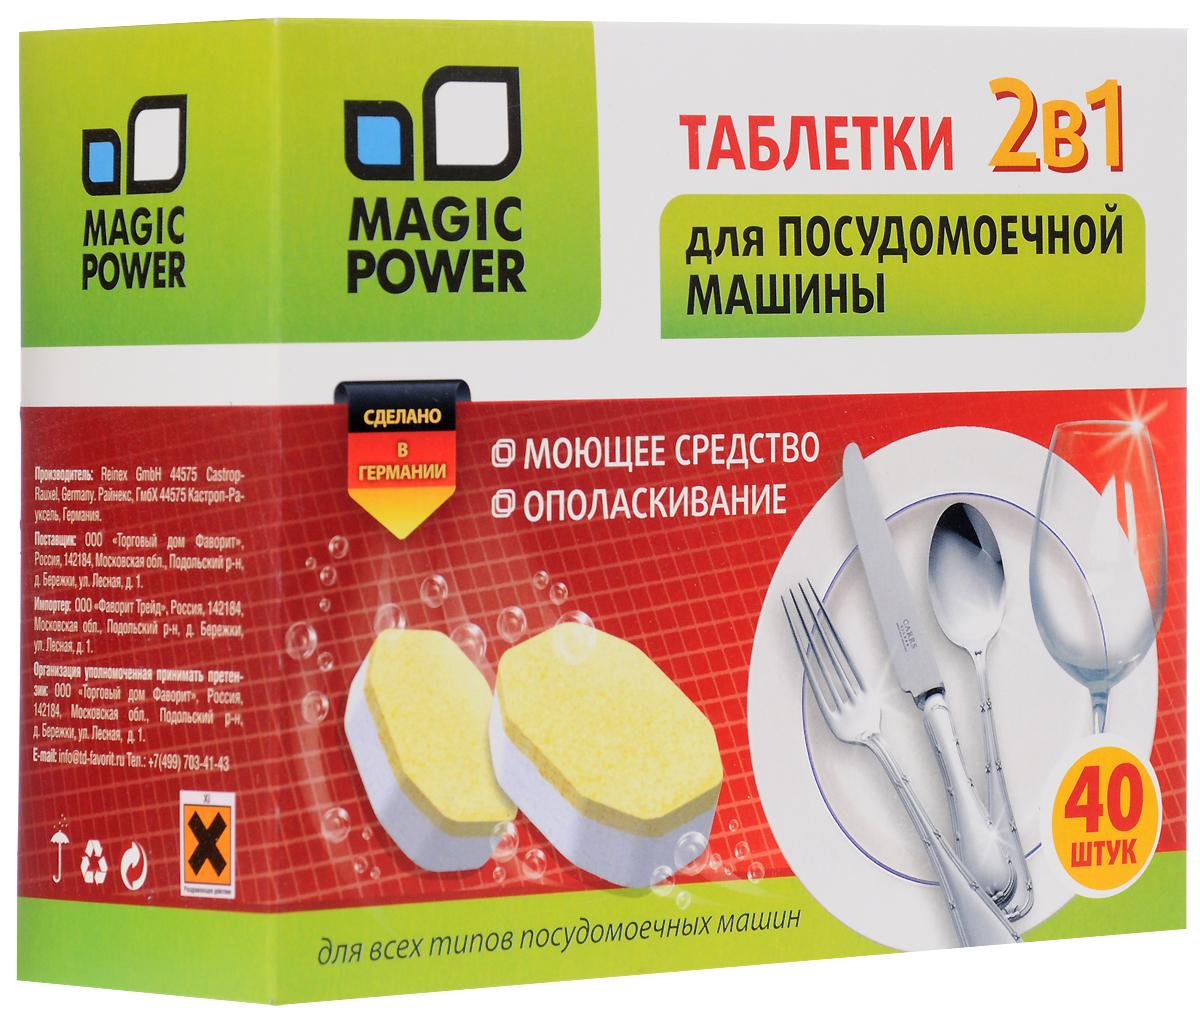 Таблетки для посудомоечной машины 2 в 1 Magic Power, 40 штMP-2021Таблетки для посудомоечной машины 2 в 1 Magic Power предназначены для эффективной очистки посуды в посудомоечной машине. Благодаря активным моющим веществам на основе кислорода, одна таблетка легко удаляет даже самые сильные и стойкие загрязнения. Благодаря компонентам для ополаскивания - предотвращает появление пятен, разводов и известковых отложений при высыхании, ускоряет процесс сушки, придает блеск, свежесть и приятный аромат. Продлевает срок службы вашей посуды. Одна таблетка предназначена для одного цикла мойки.Подходит для всех типов посудомоечных машин.Уважаемые клиенты!Обращаем ваше внимание на возможные изменения в дизайне упаковки. Качественные характеристики товара остаются неизменными. Поставка осуществляется в зависимости от наличия на складе.